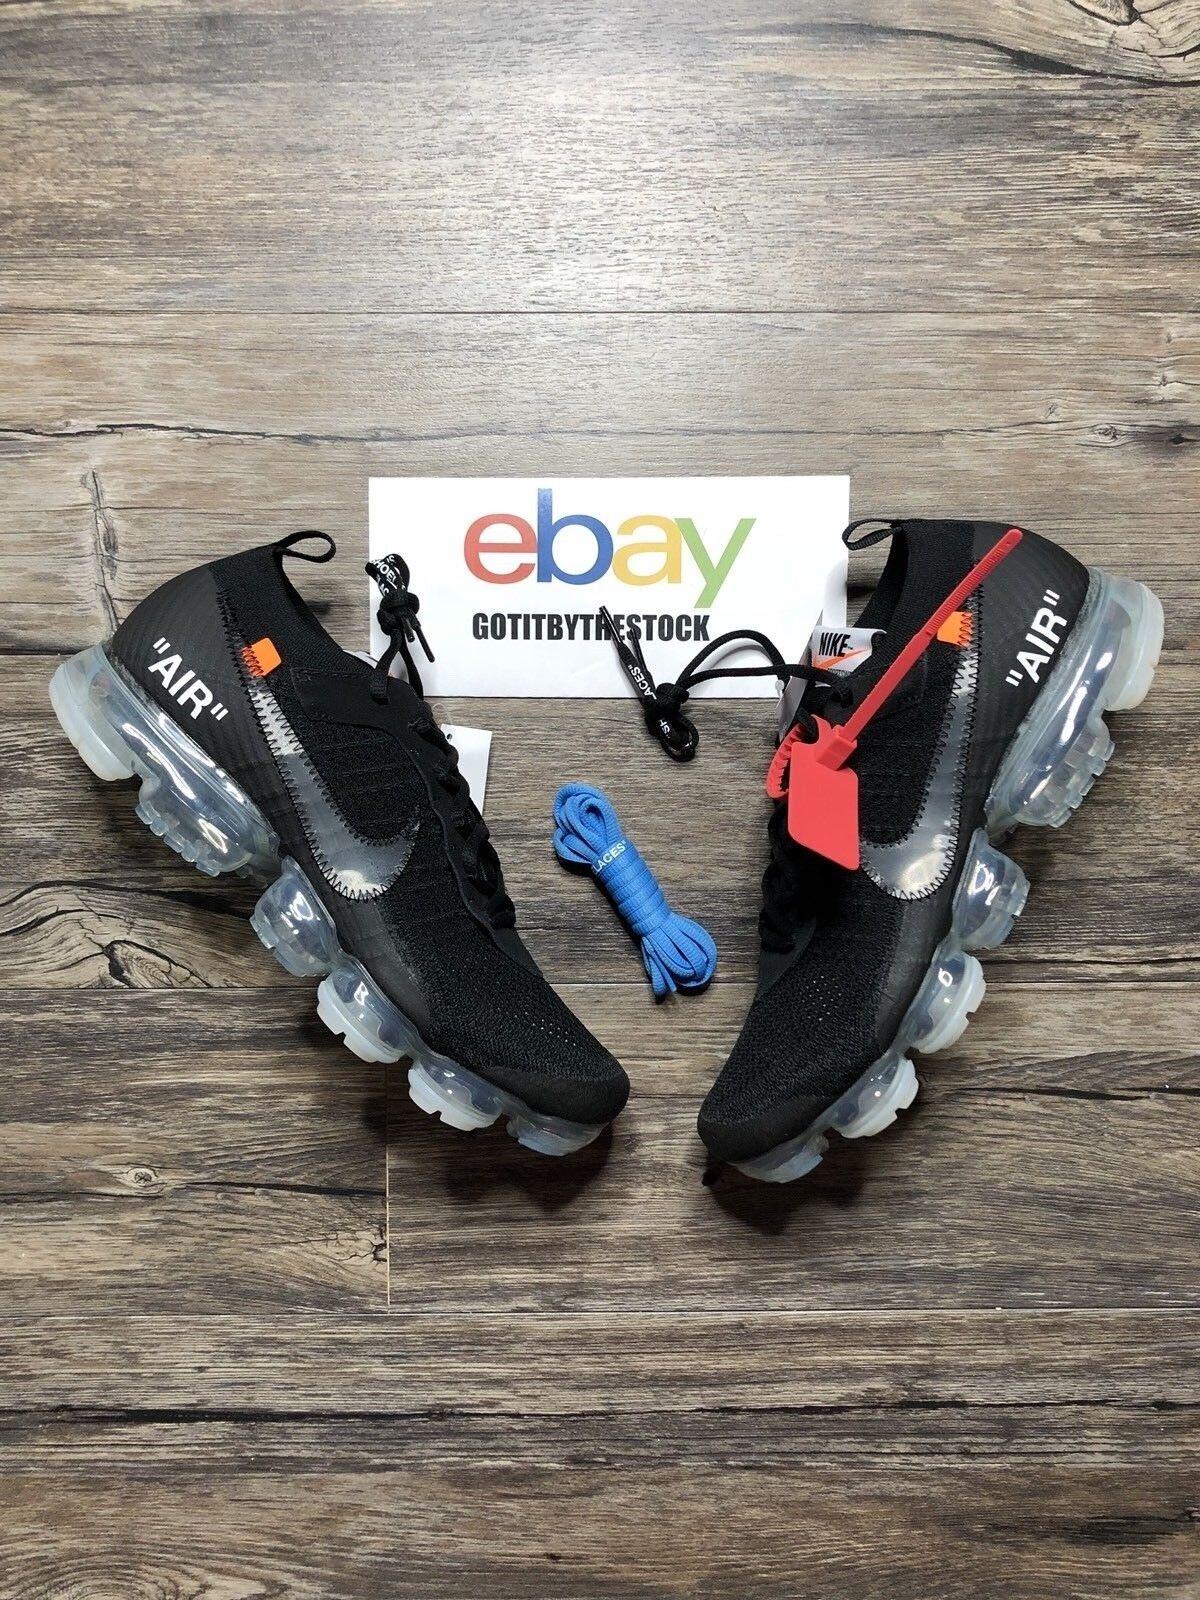 Nike Air vapormax FK blanco 2018 Virgil 8- el último hombres descuento zapatos para hombres último y mujeres 7522f0